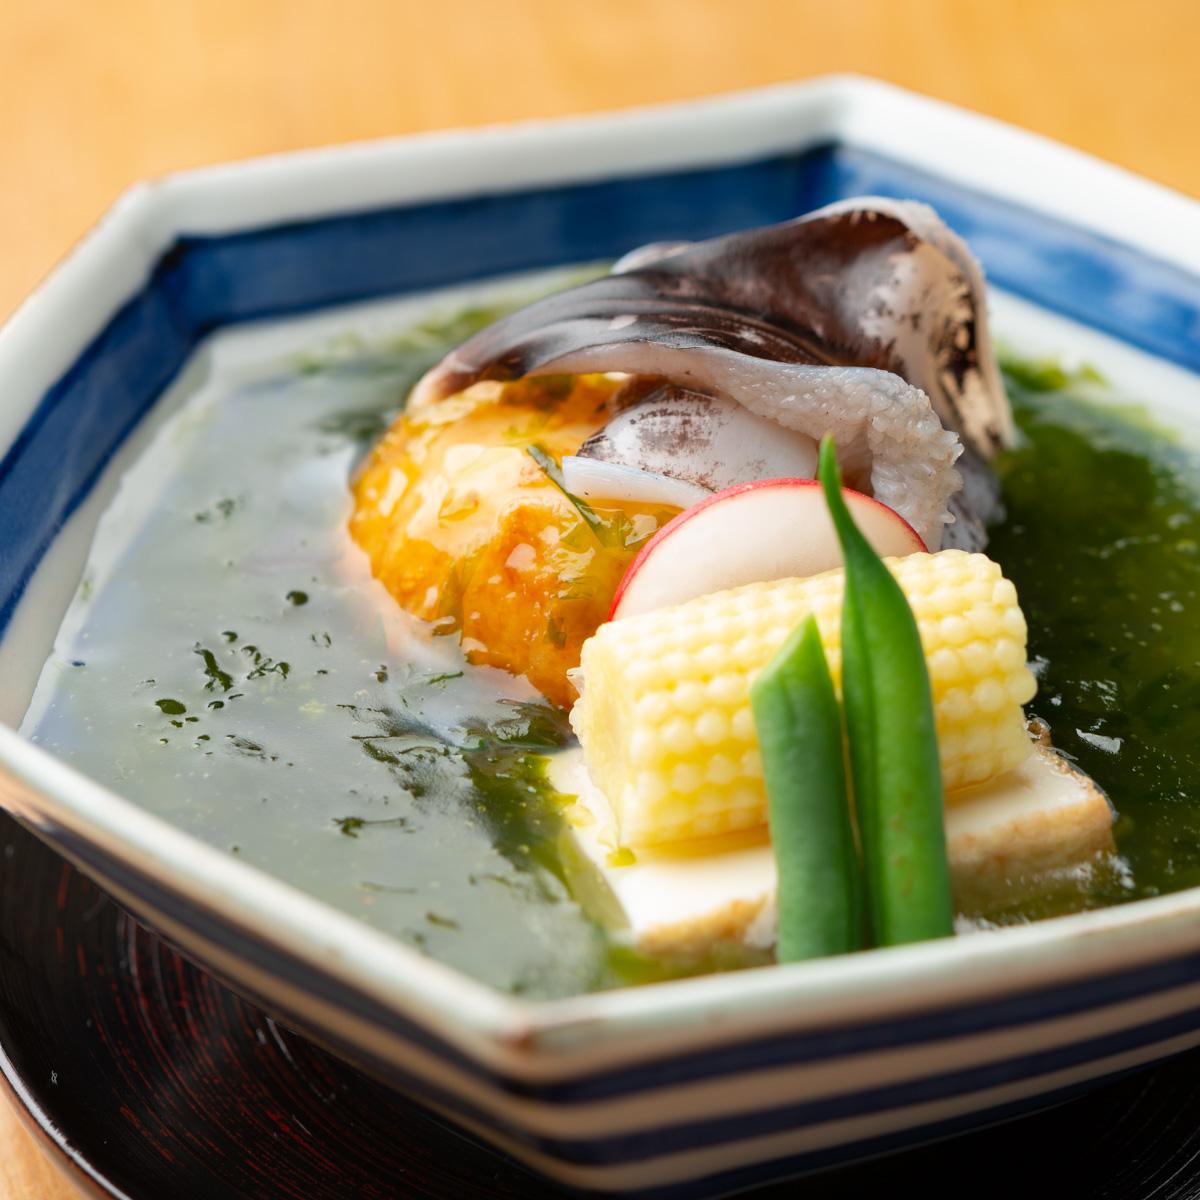 煮物|鳥貝、あさりの揚げじゃが芋まんじゅう 生海苔あんかけ